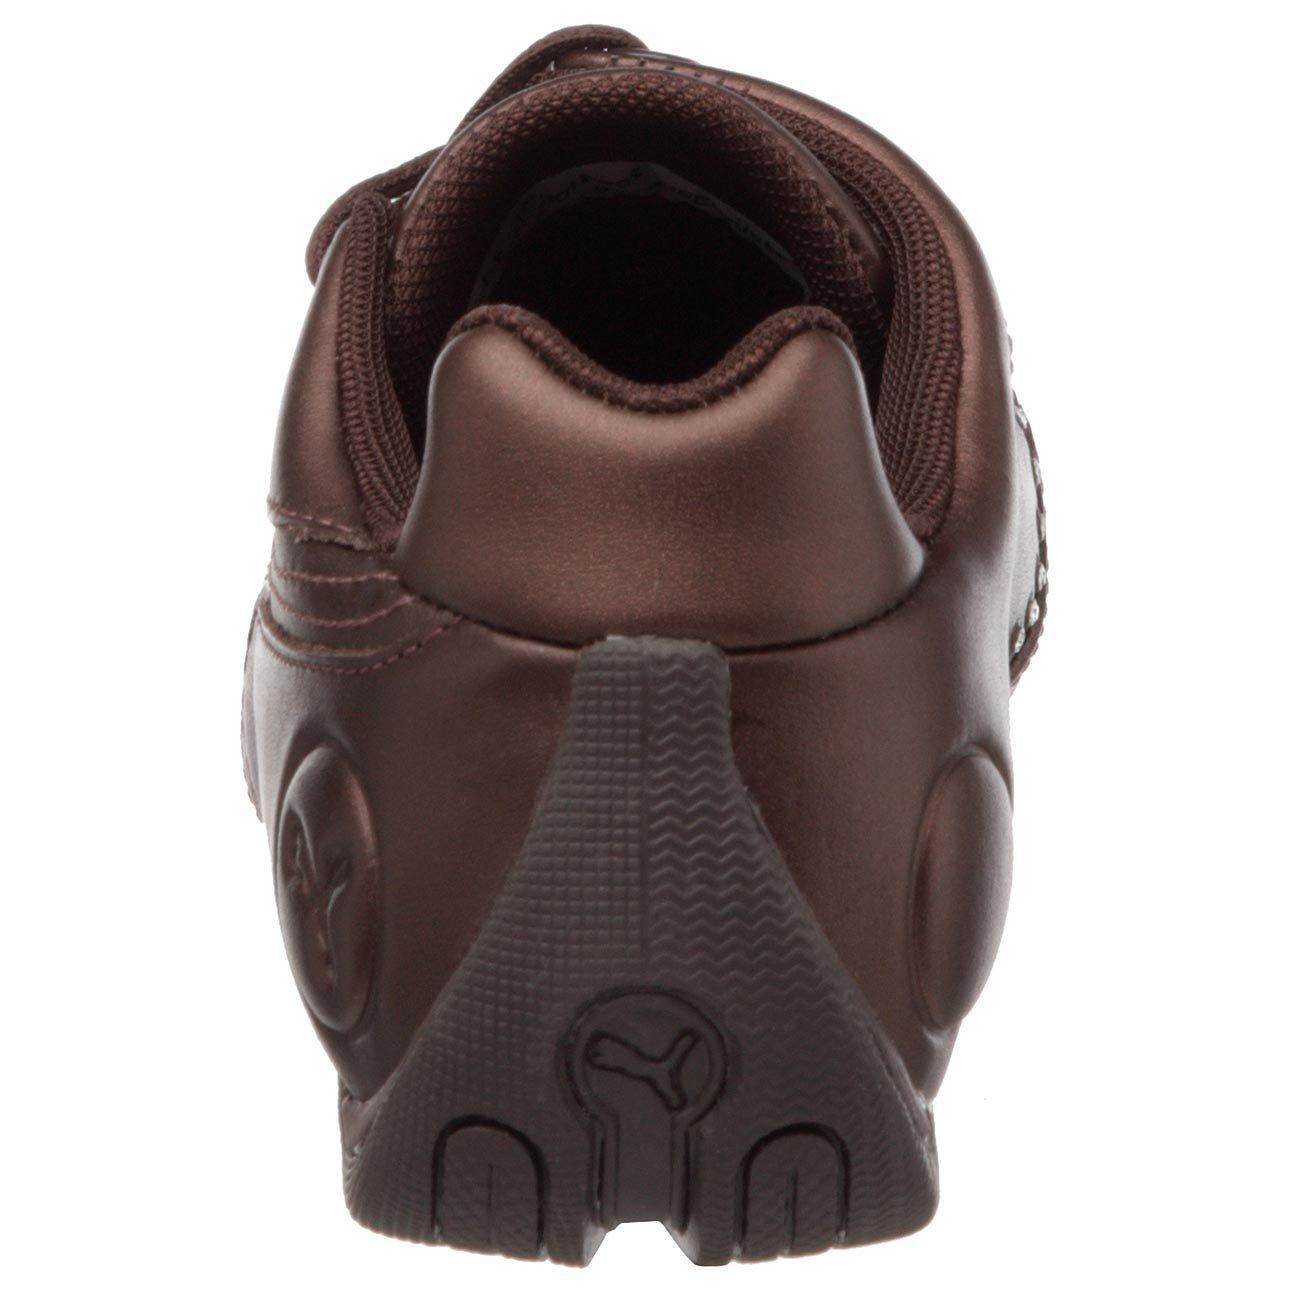 on sale 56d34 50832 Puma W S FUT CAT B DIAMS, femme, Baskets mode, marron, 42 EU  Amazon.fr   Chaussures et Sacs